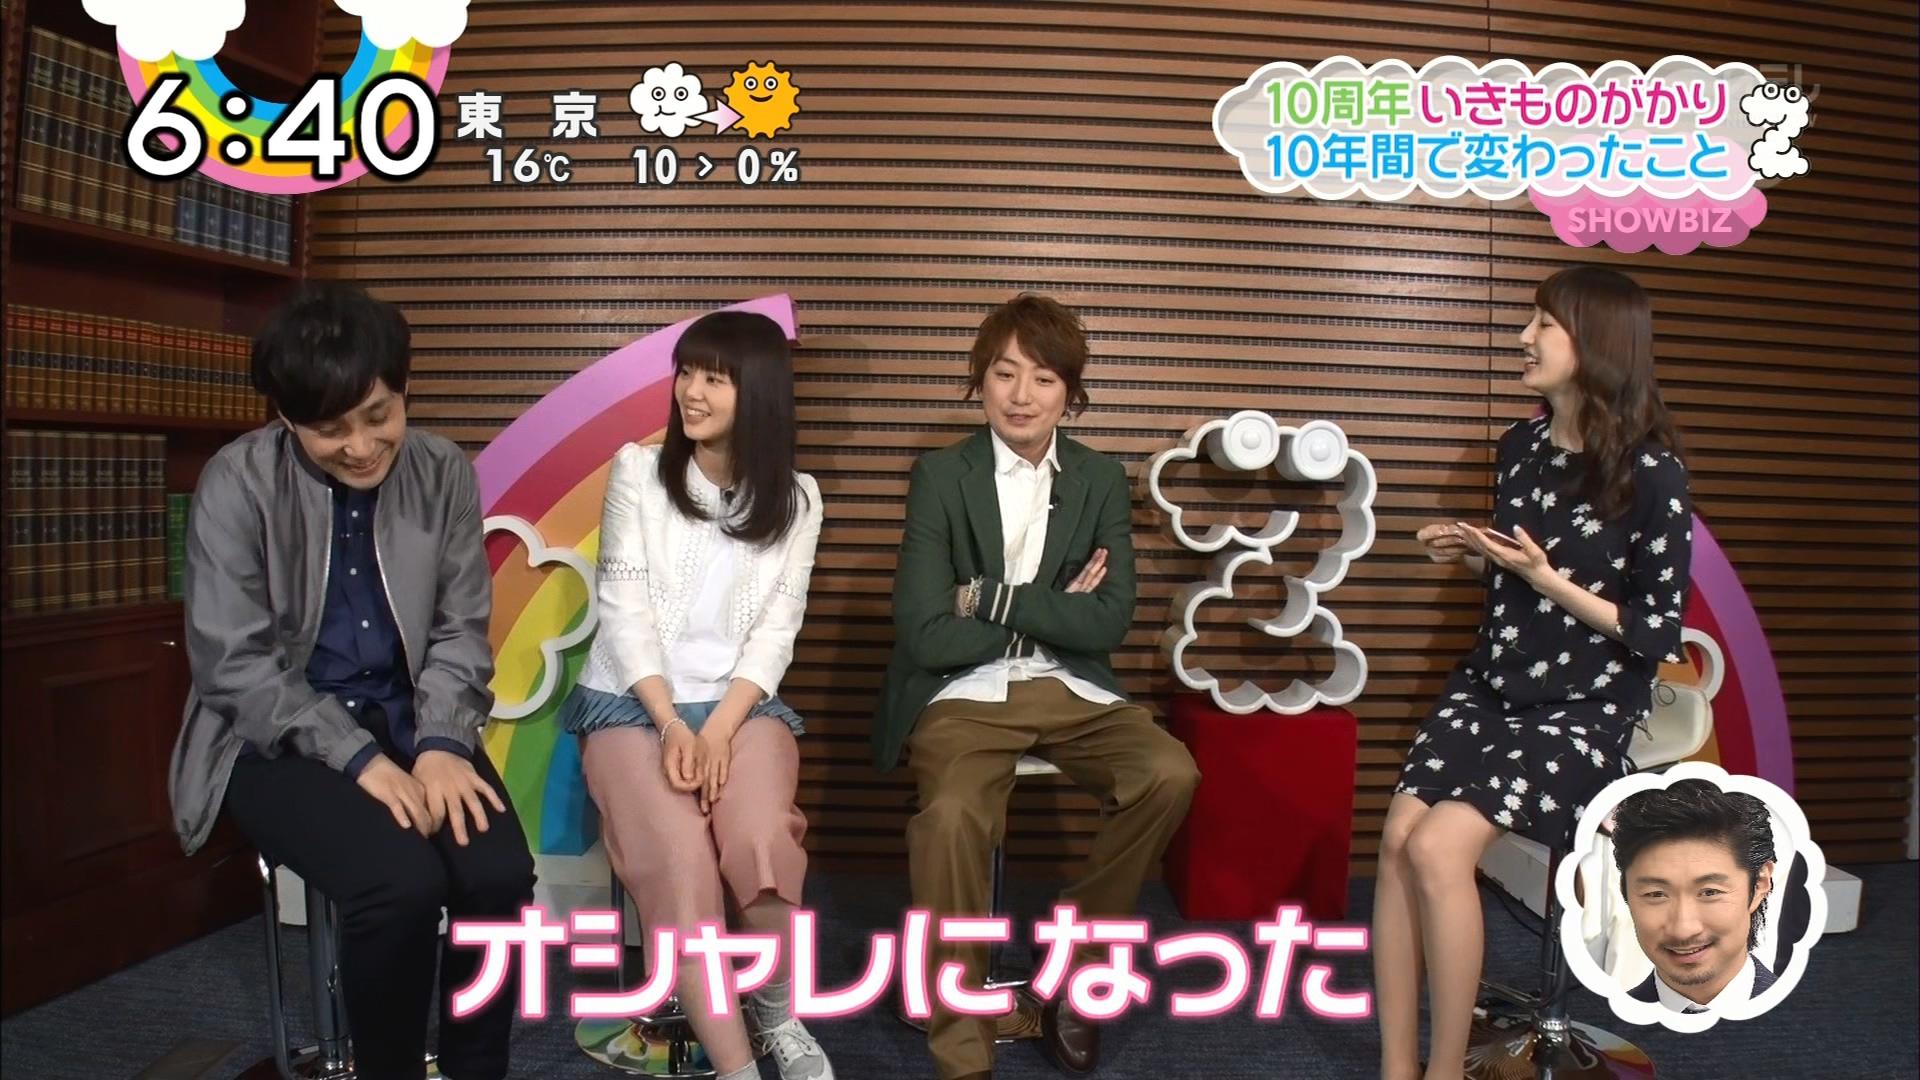 2016.03.22 10周年 いきものがかり - アルバム8作連続1位(ZIP!).ts_20160322_140921.479